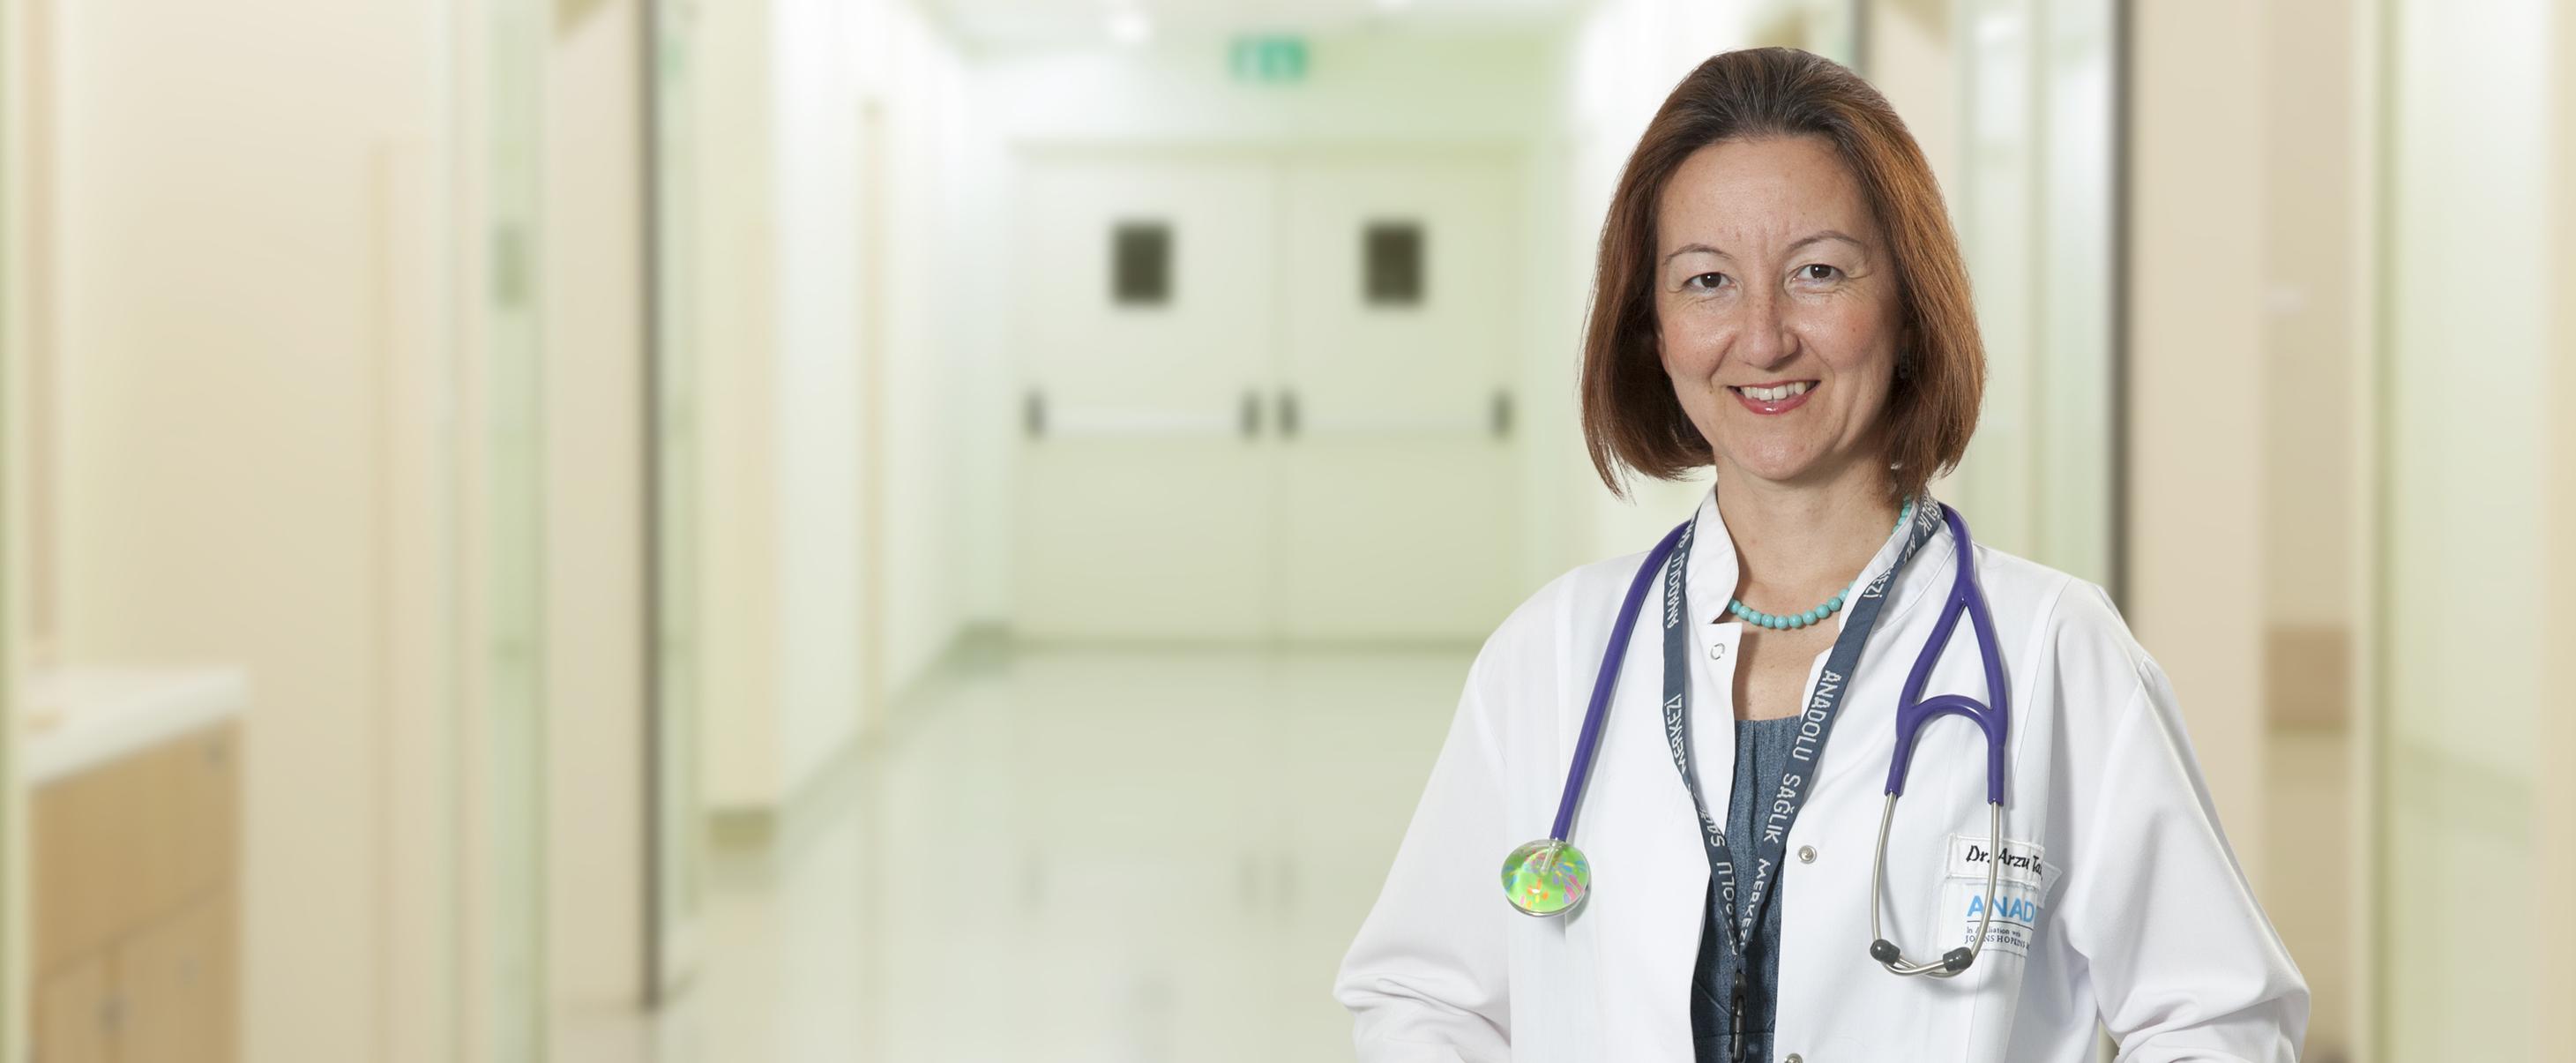 Арзу Такыль Шенгюль — квалифицированная помощь в медицинском центре Anadolu